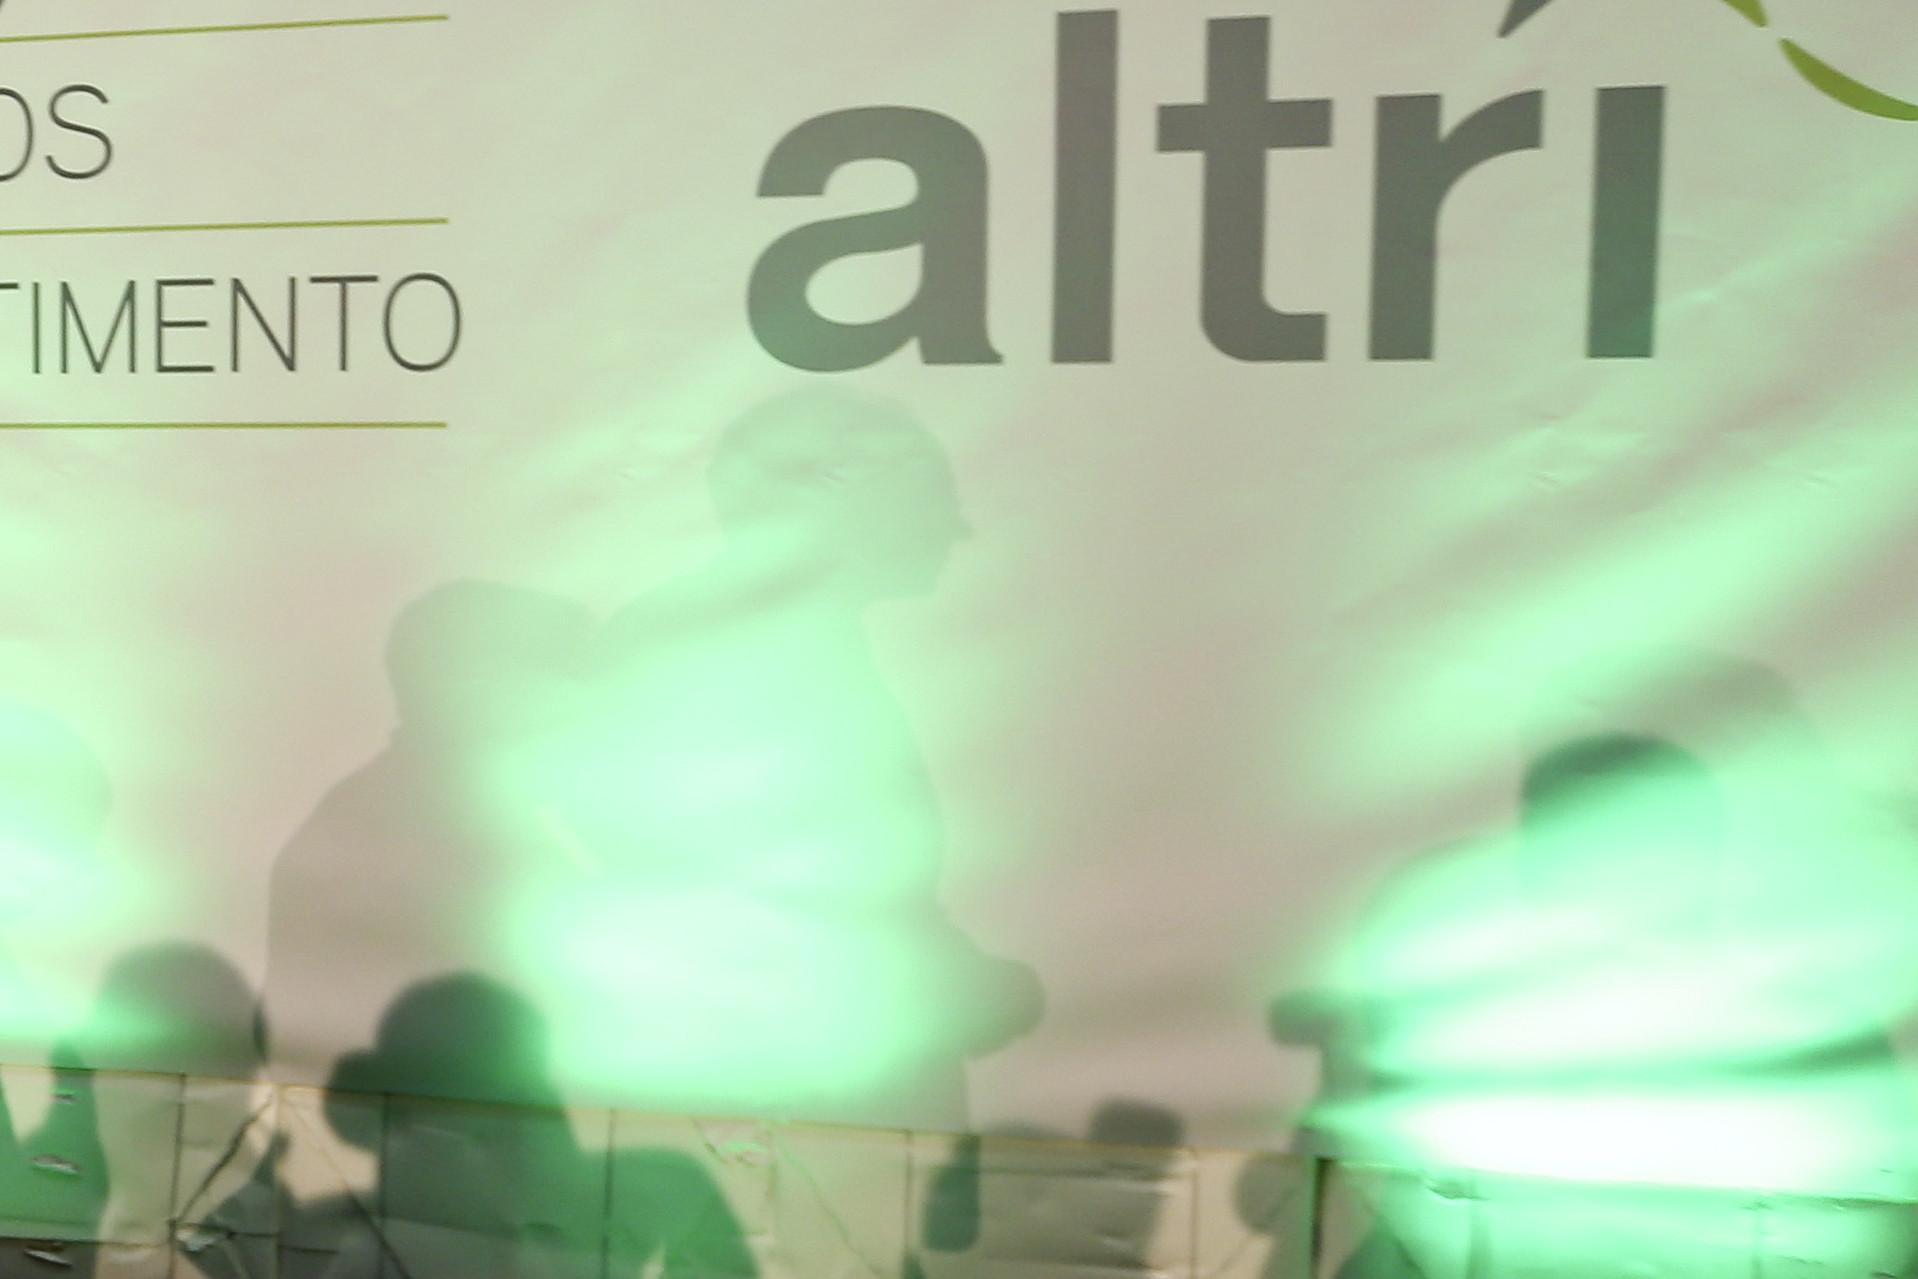 Lucro da Altri sobe 77% até setembro para 120,4 milhões de euros